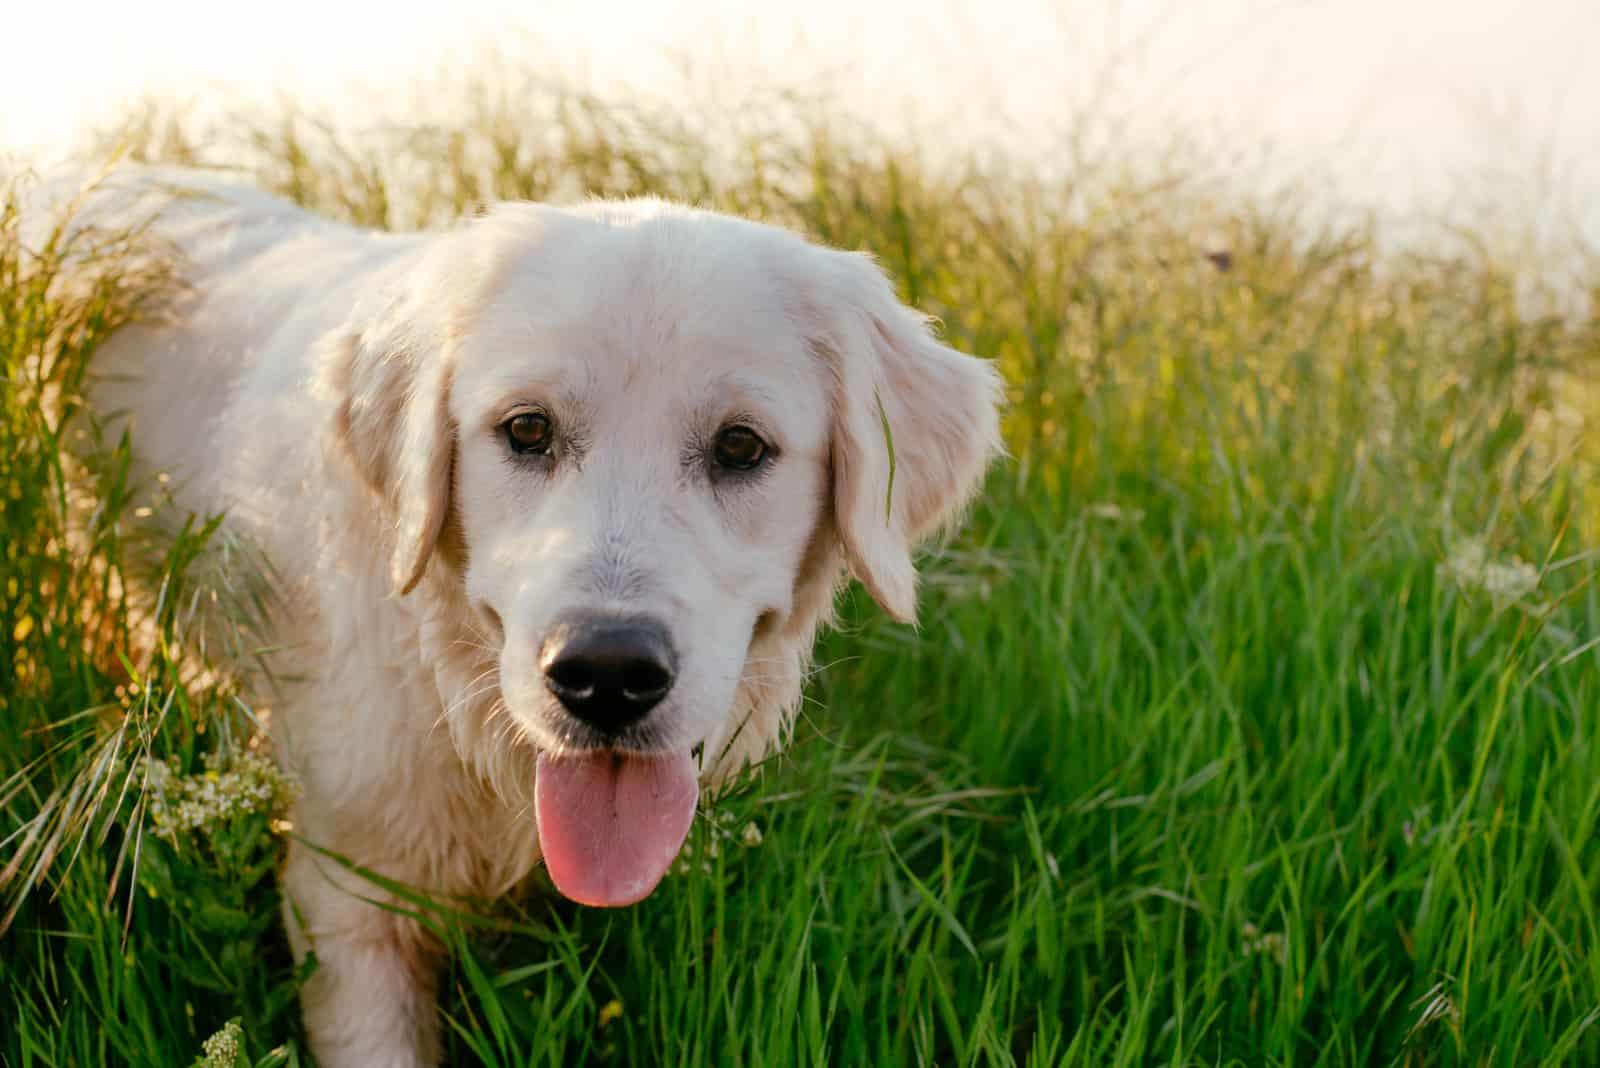 Porträt eines Labrador Retrievers in hohem dichtem Gras